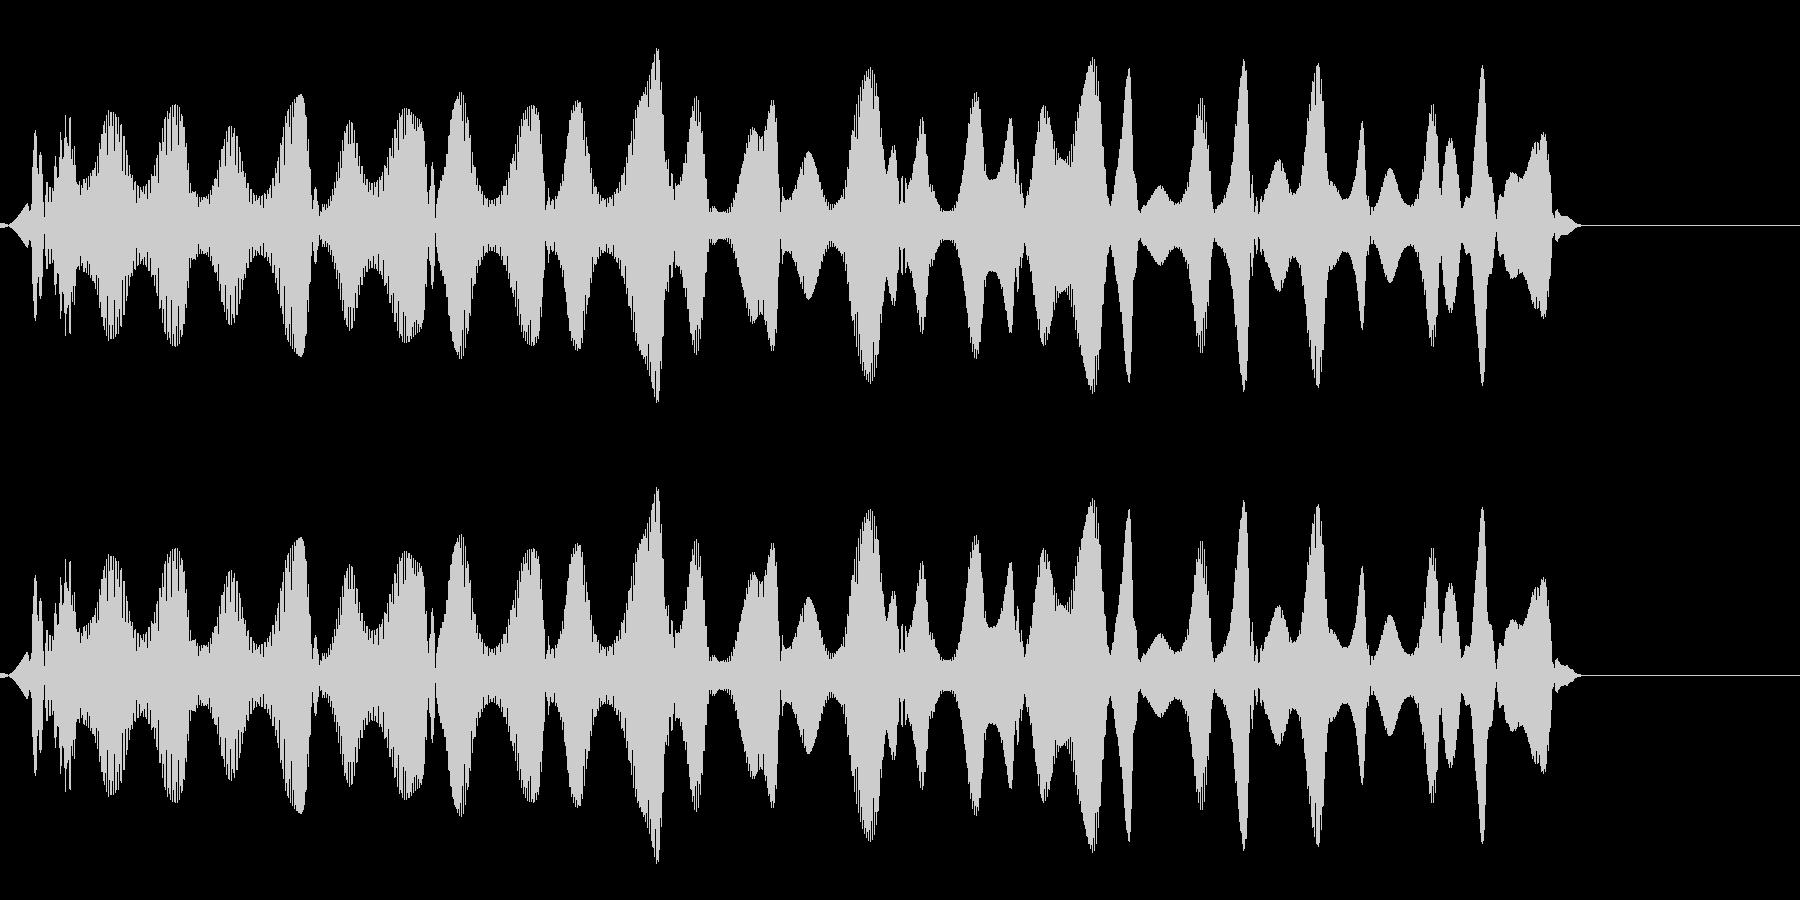 ピロピロ(飛行物体の移動音)の未再生の波形